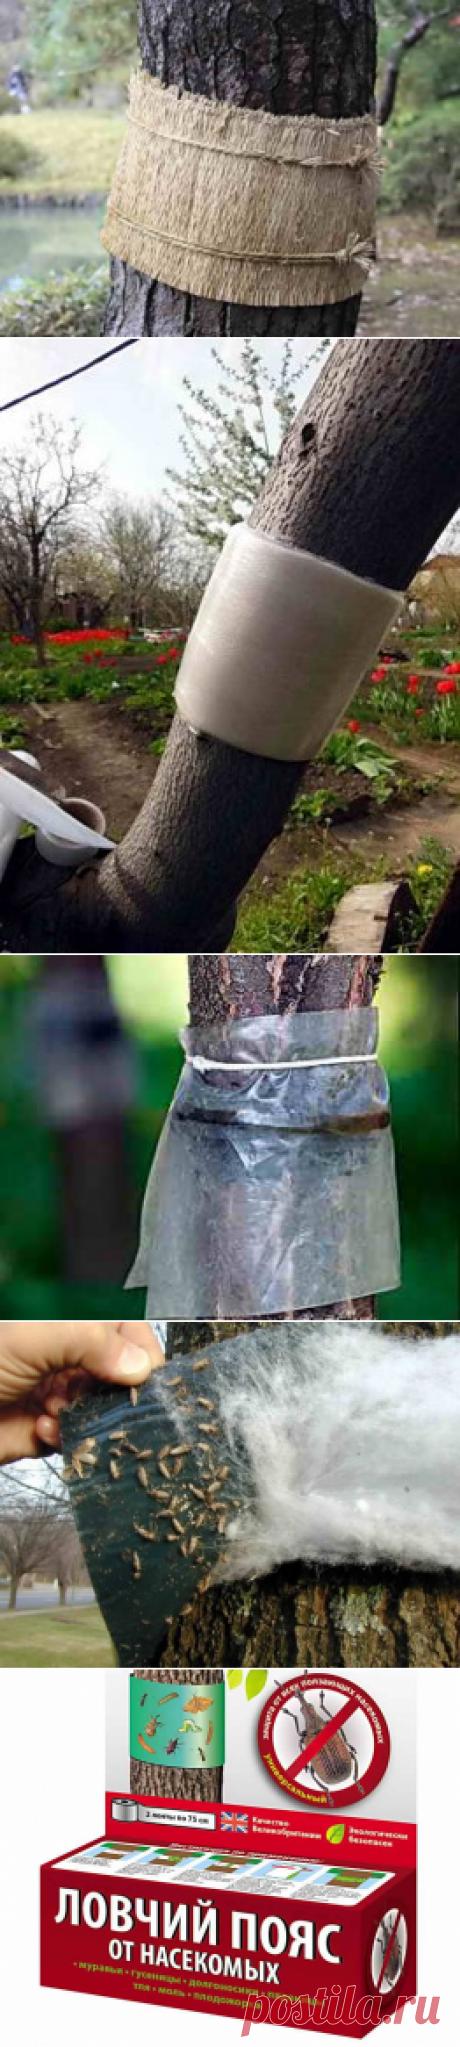 Способы сделать ловчие пояса своими руками, фото | Дача - впрок